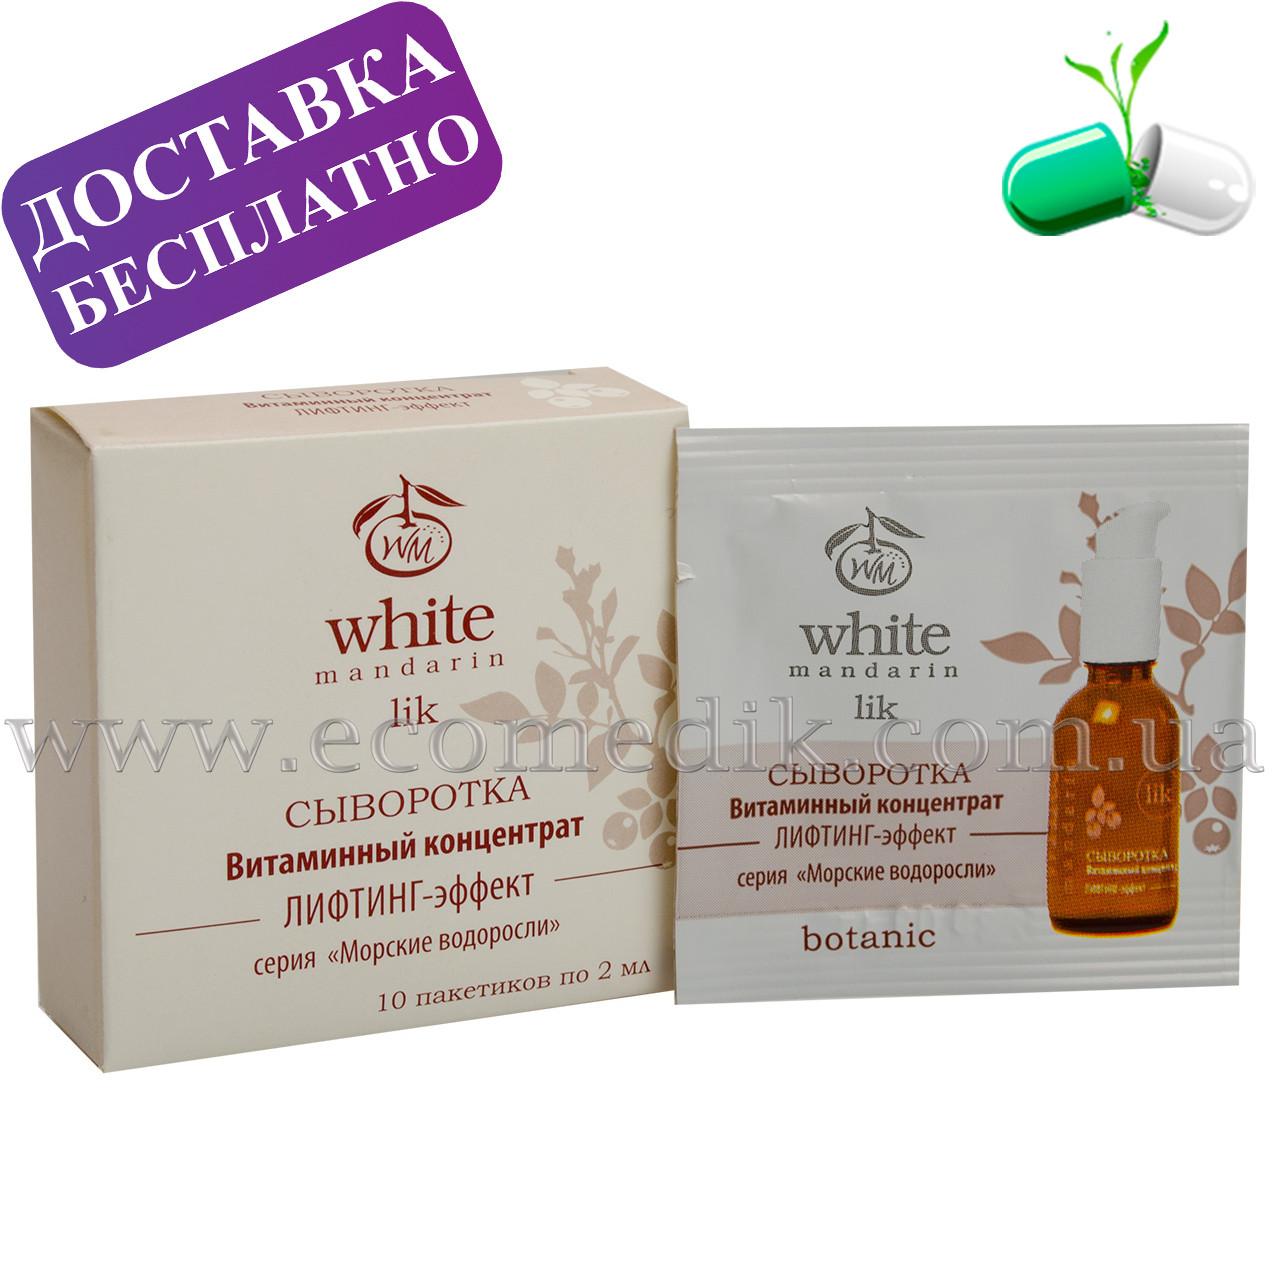 Пробник сыворотки «Витаминный концентрат» «Лифтинг-эффект» серии «Морские водоросли» White Mandarin 2 мл